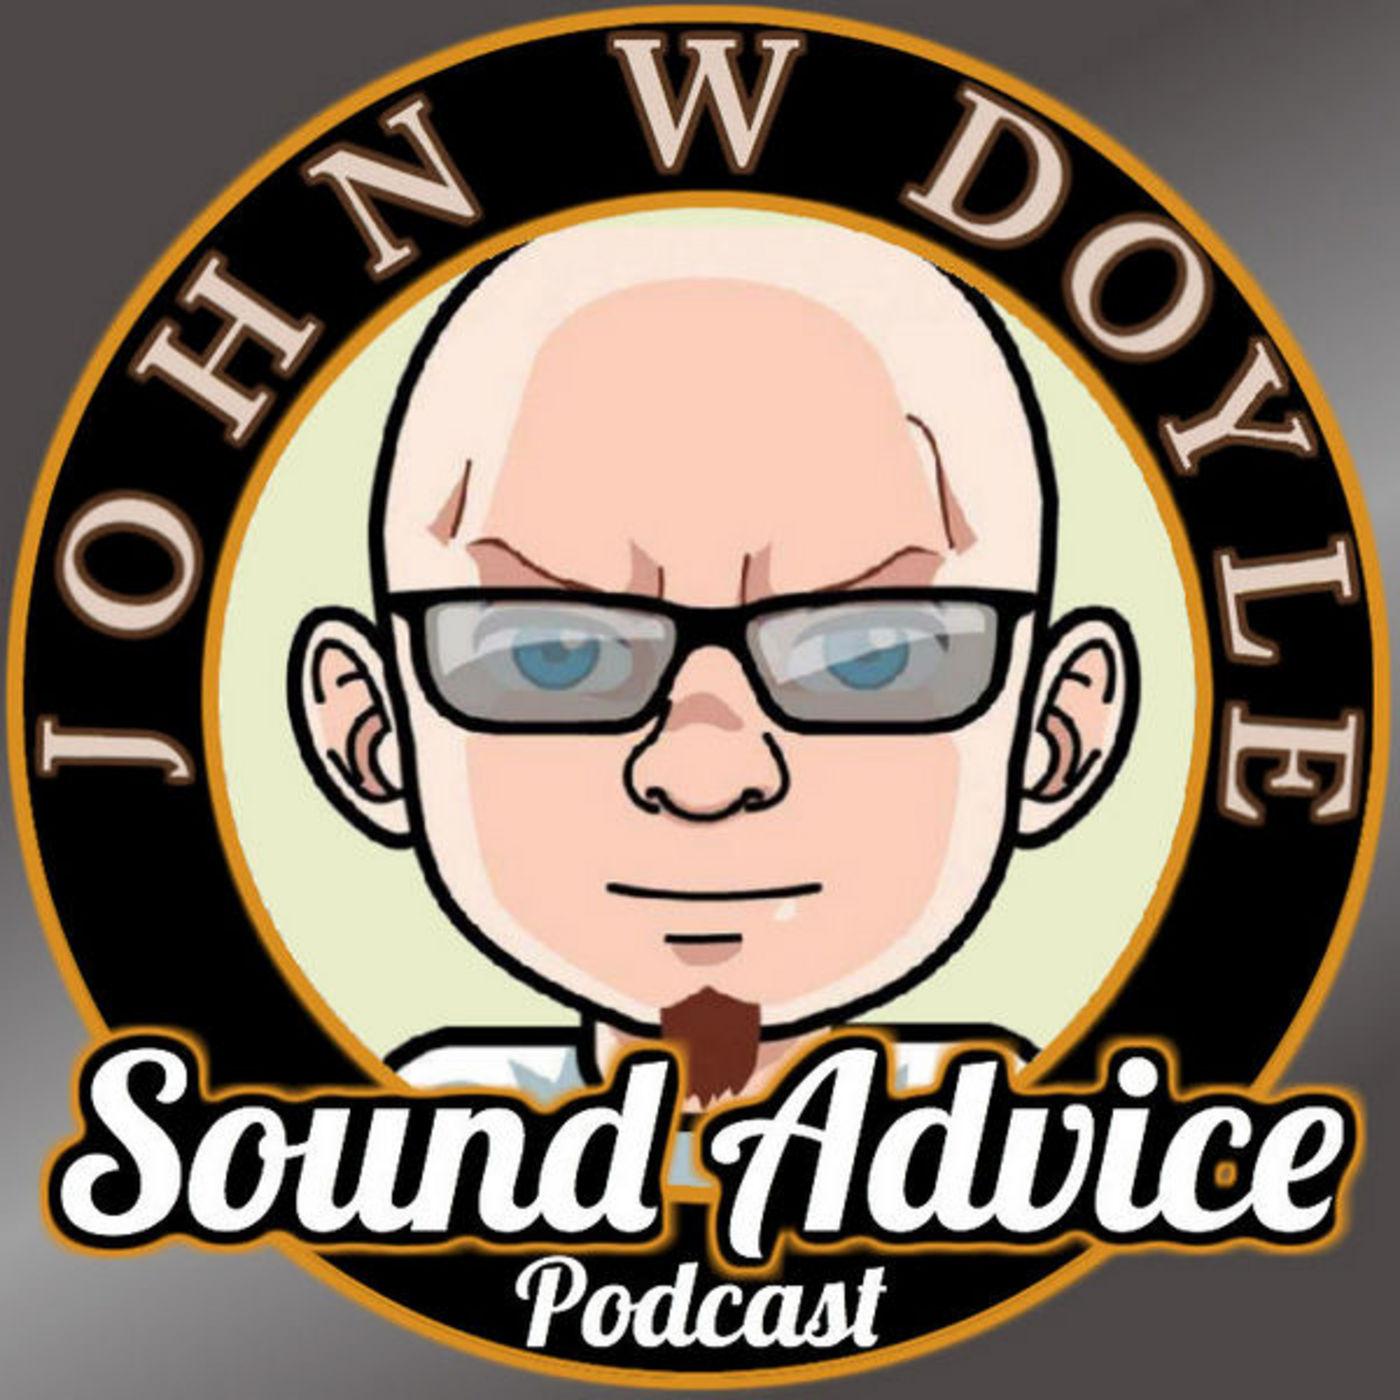 <![CDATA[Sound Advice with John W Doyle]]>